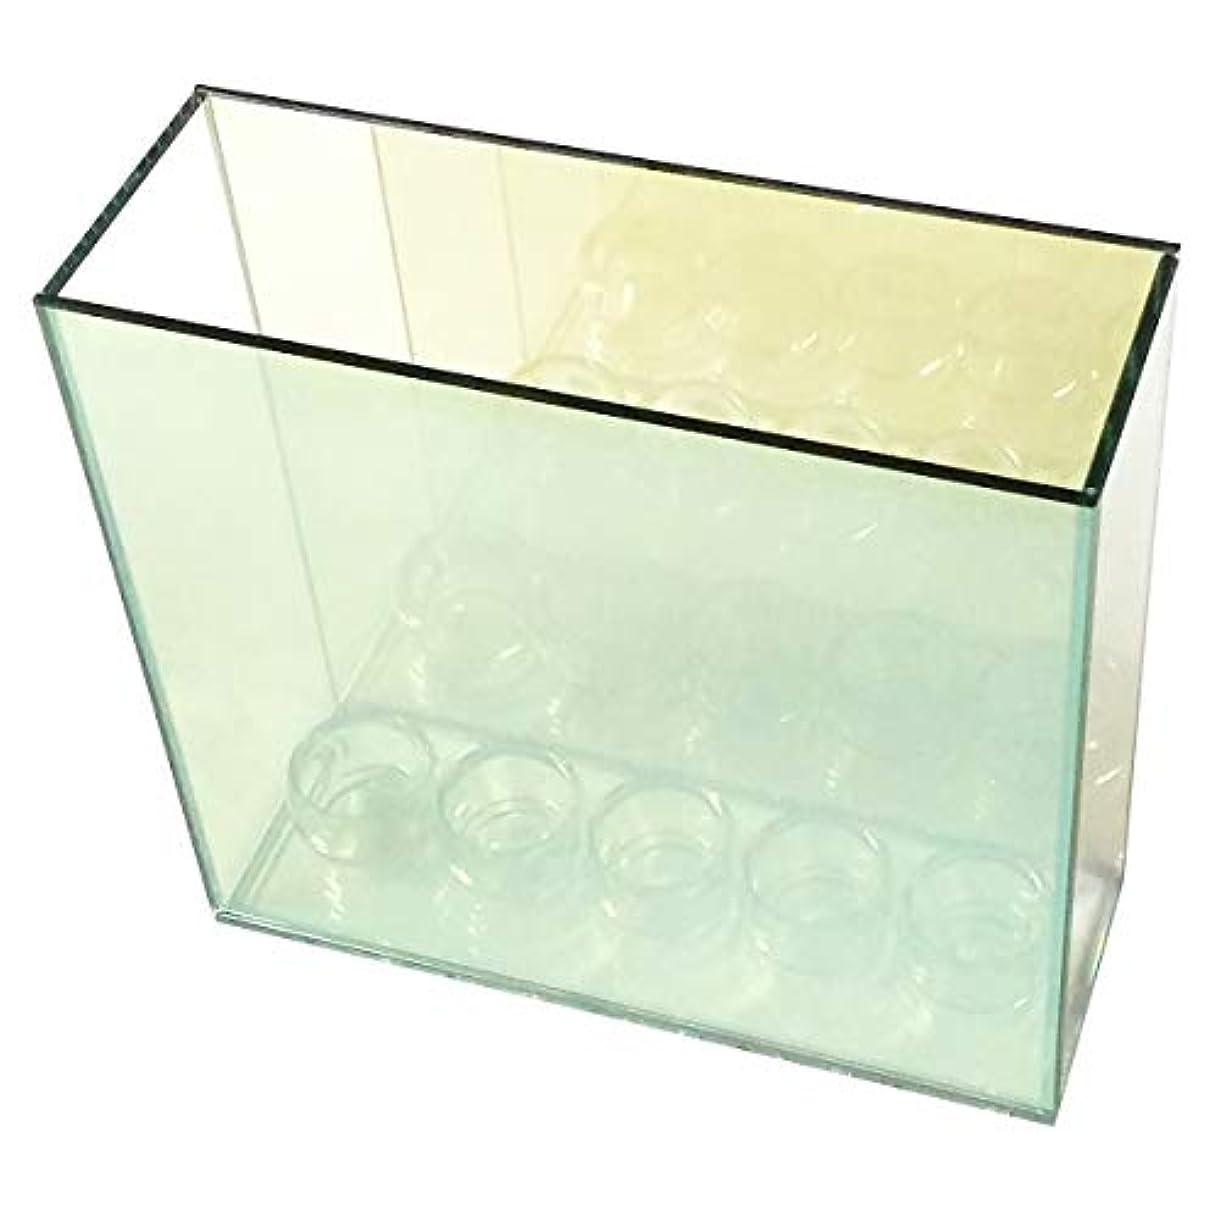 つづりジャムロードハウス無限連鎖キャンドルホルダー 5連 ガラス キャンドルスタンド ランタン ティーライトキャンドル